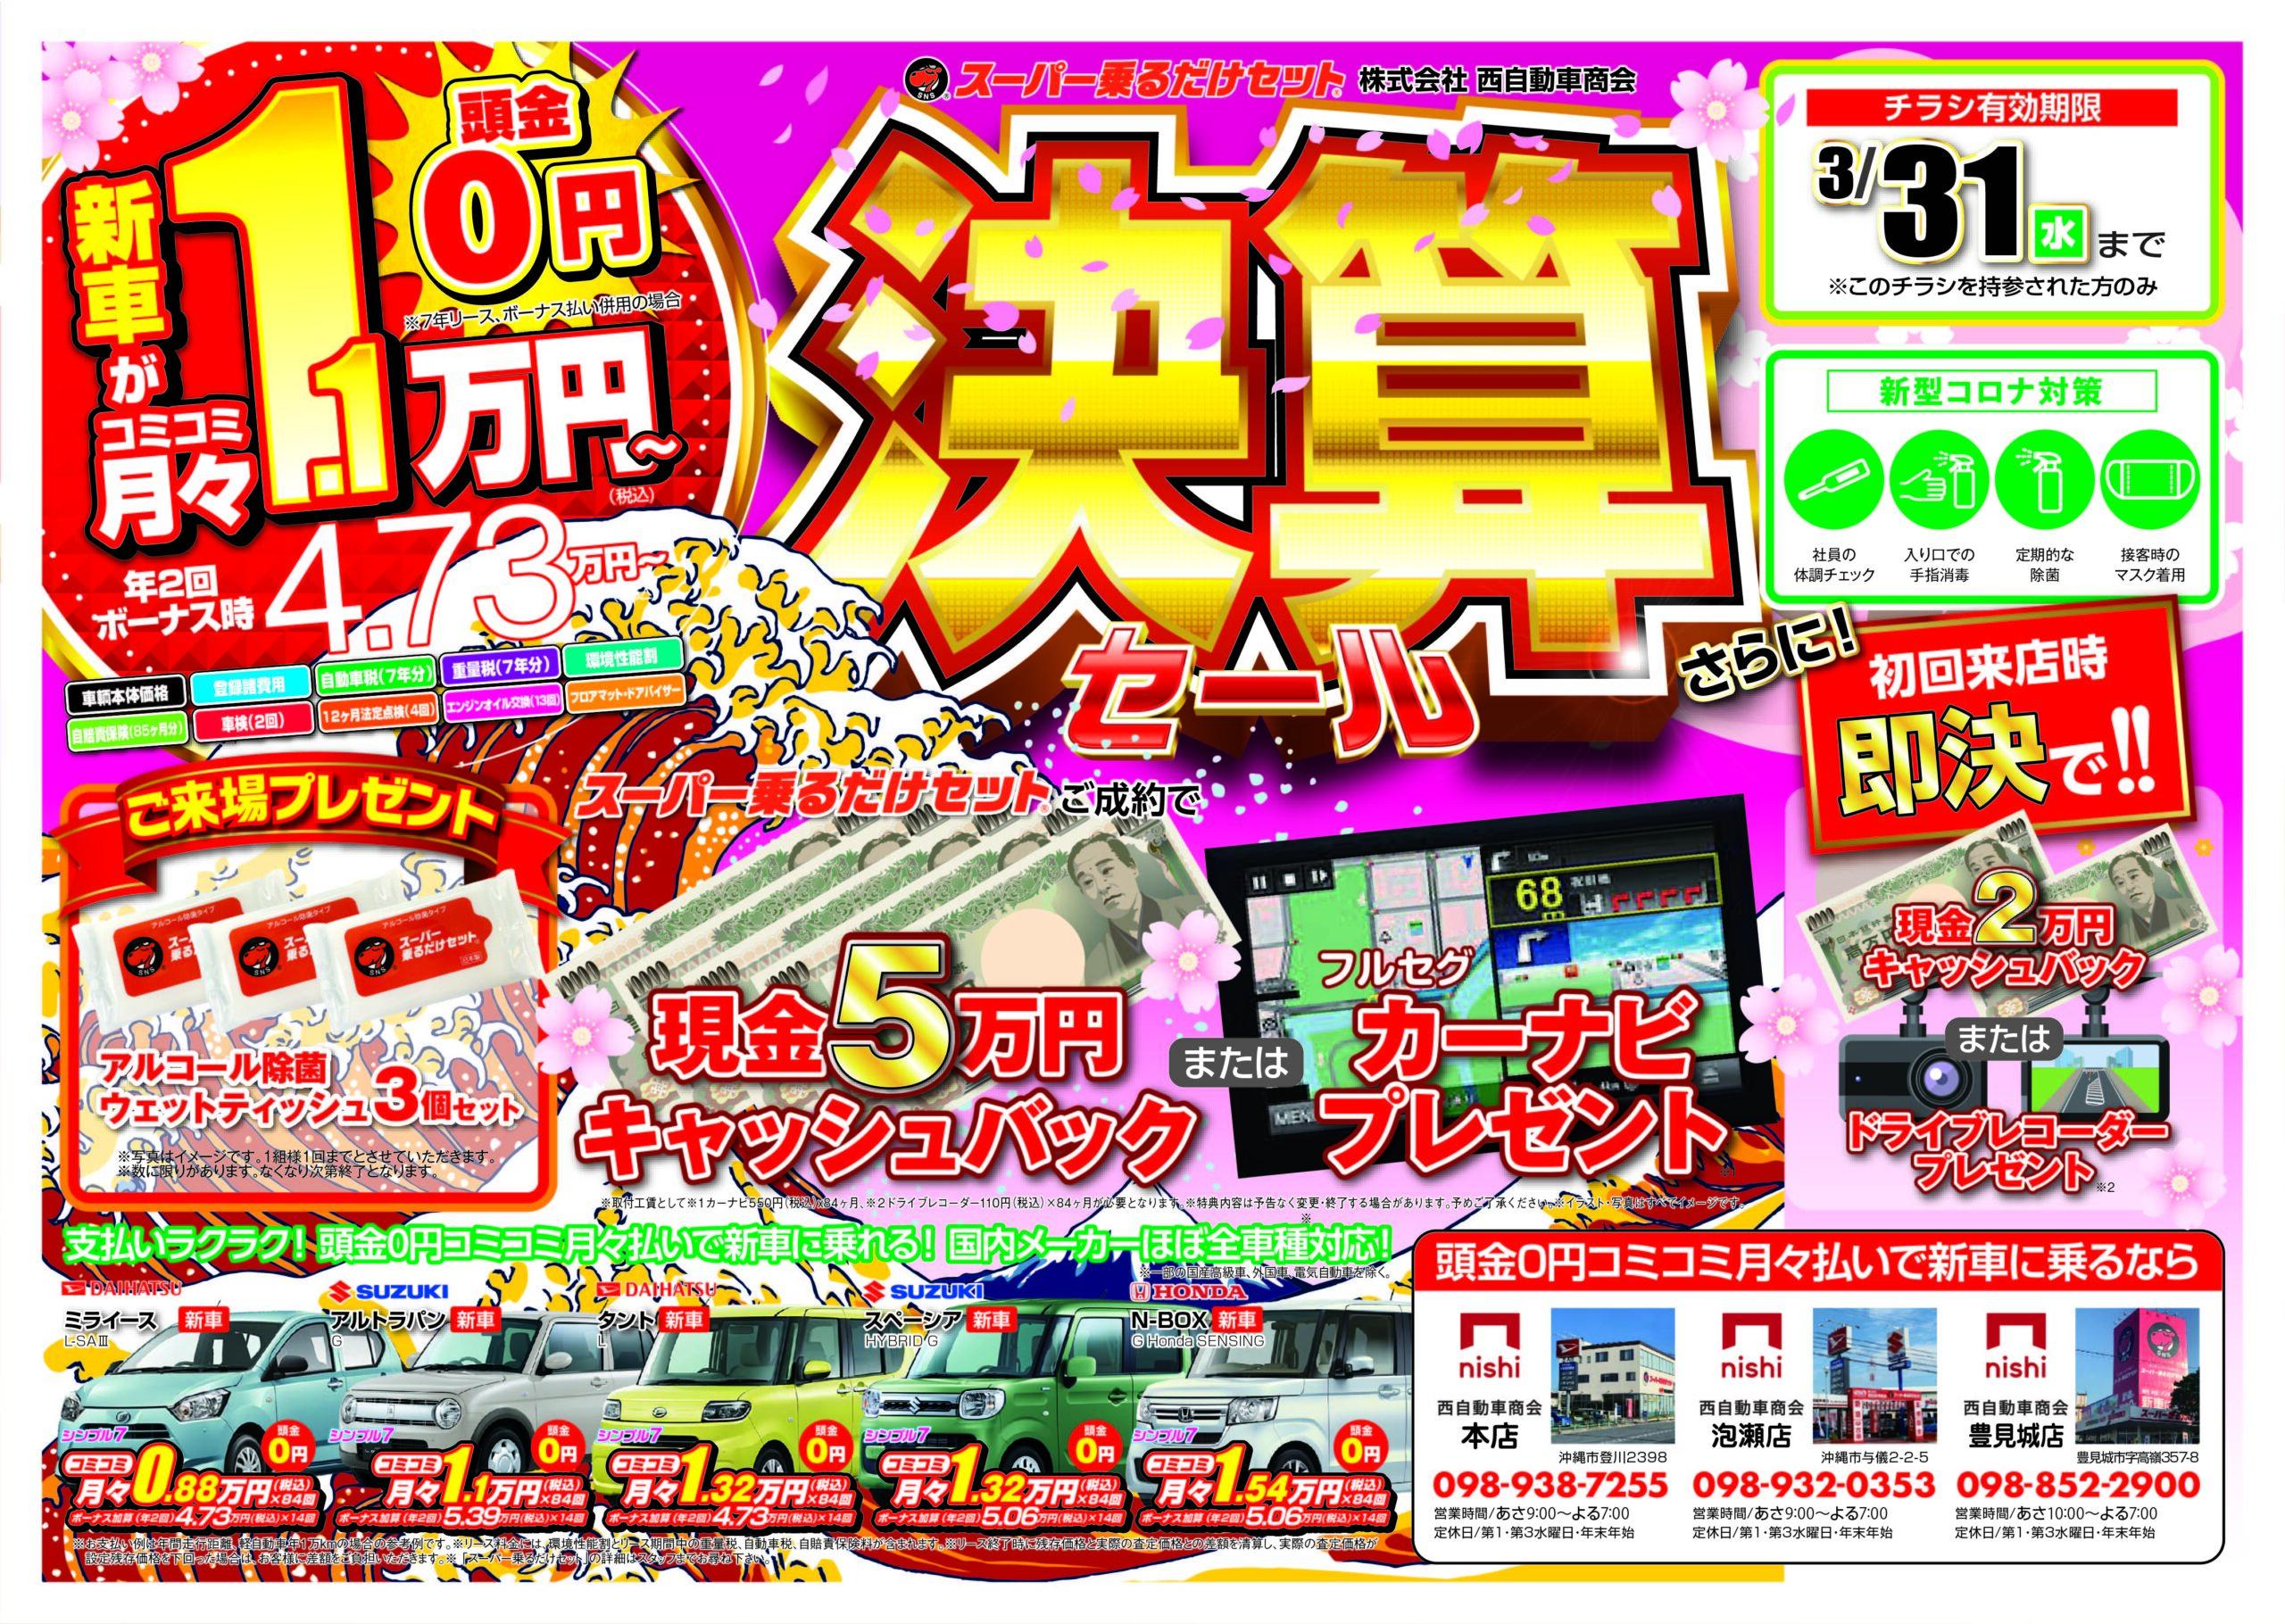 """【2021年3月のお得なチラシ】""""今なら最大7万円のキャッシュバック"""" 実施中(^^♪"""